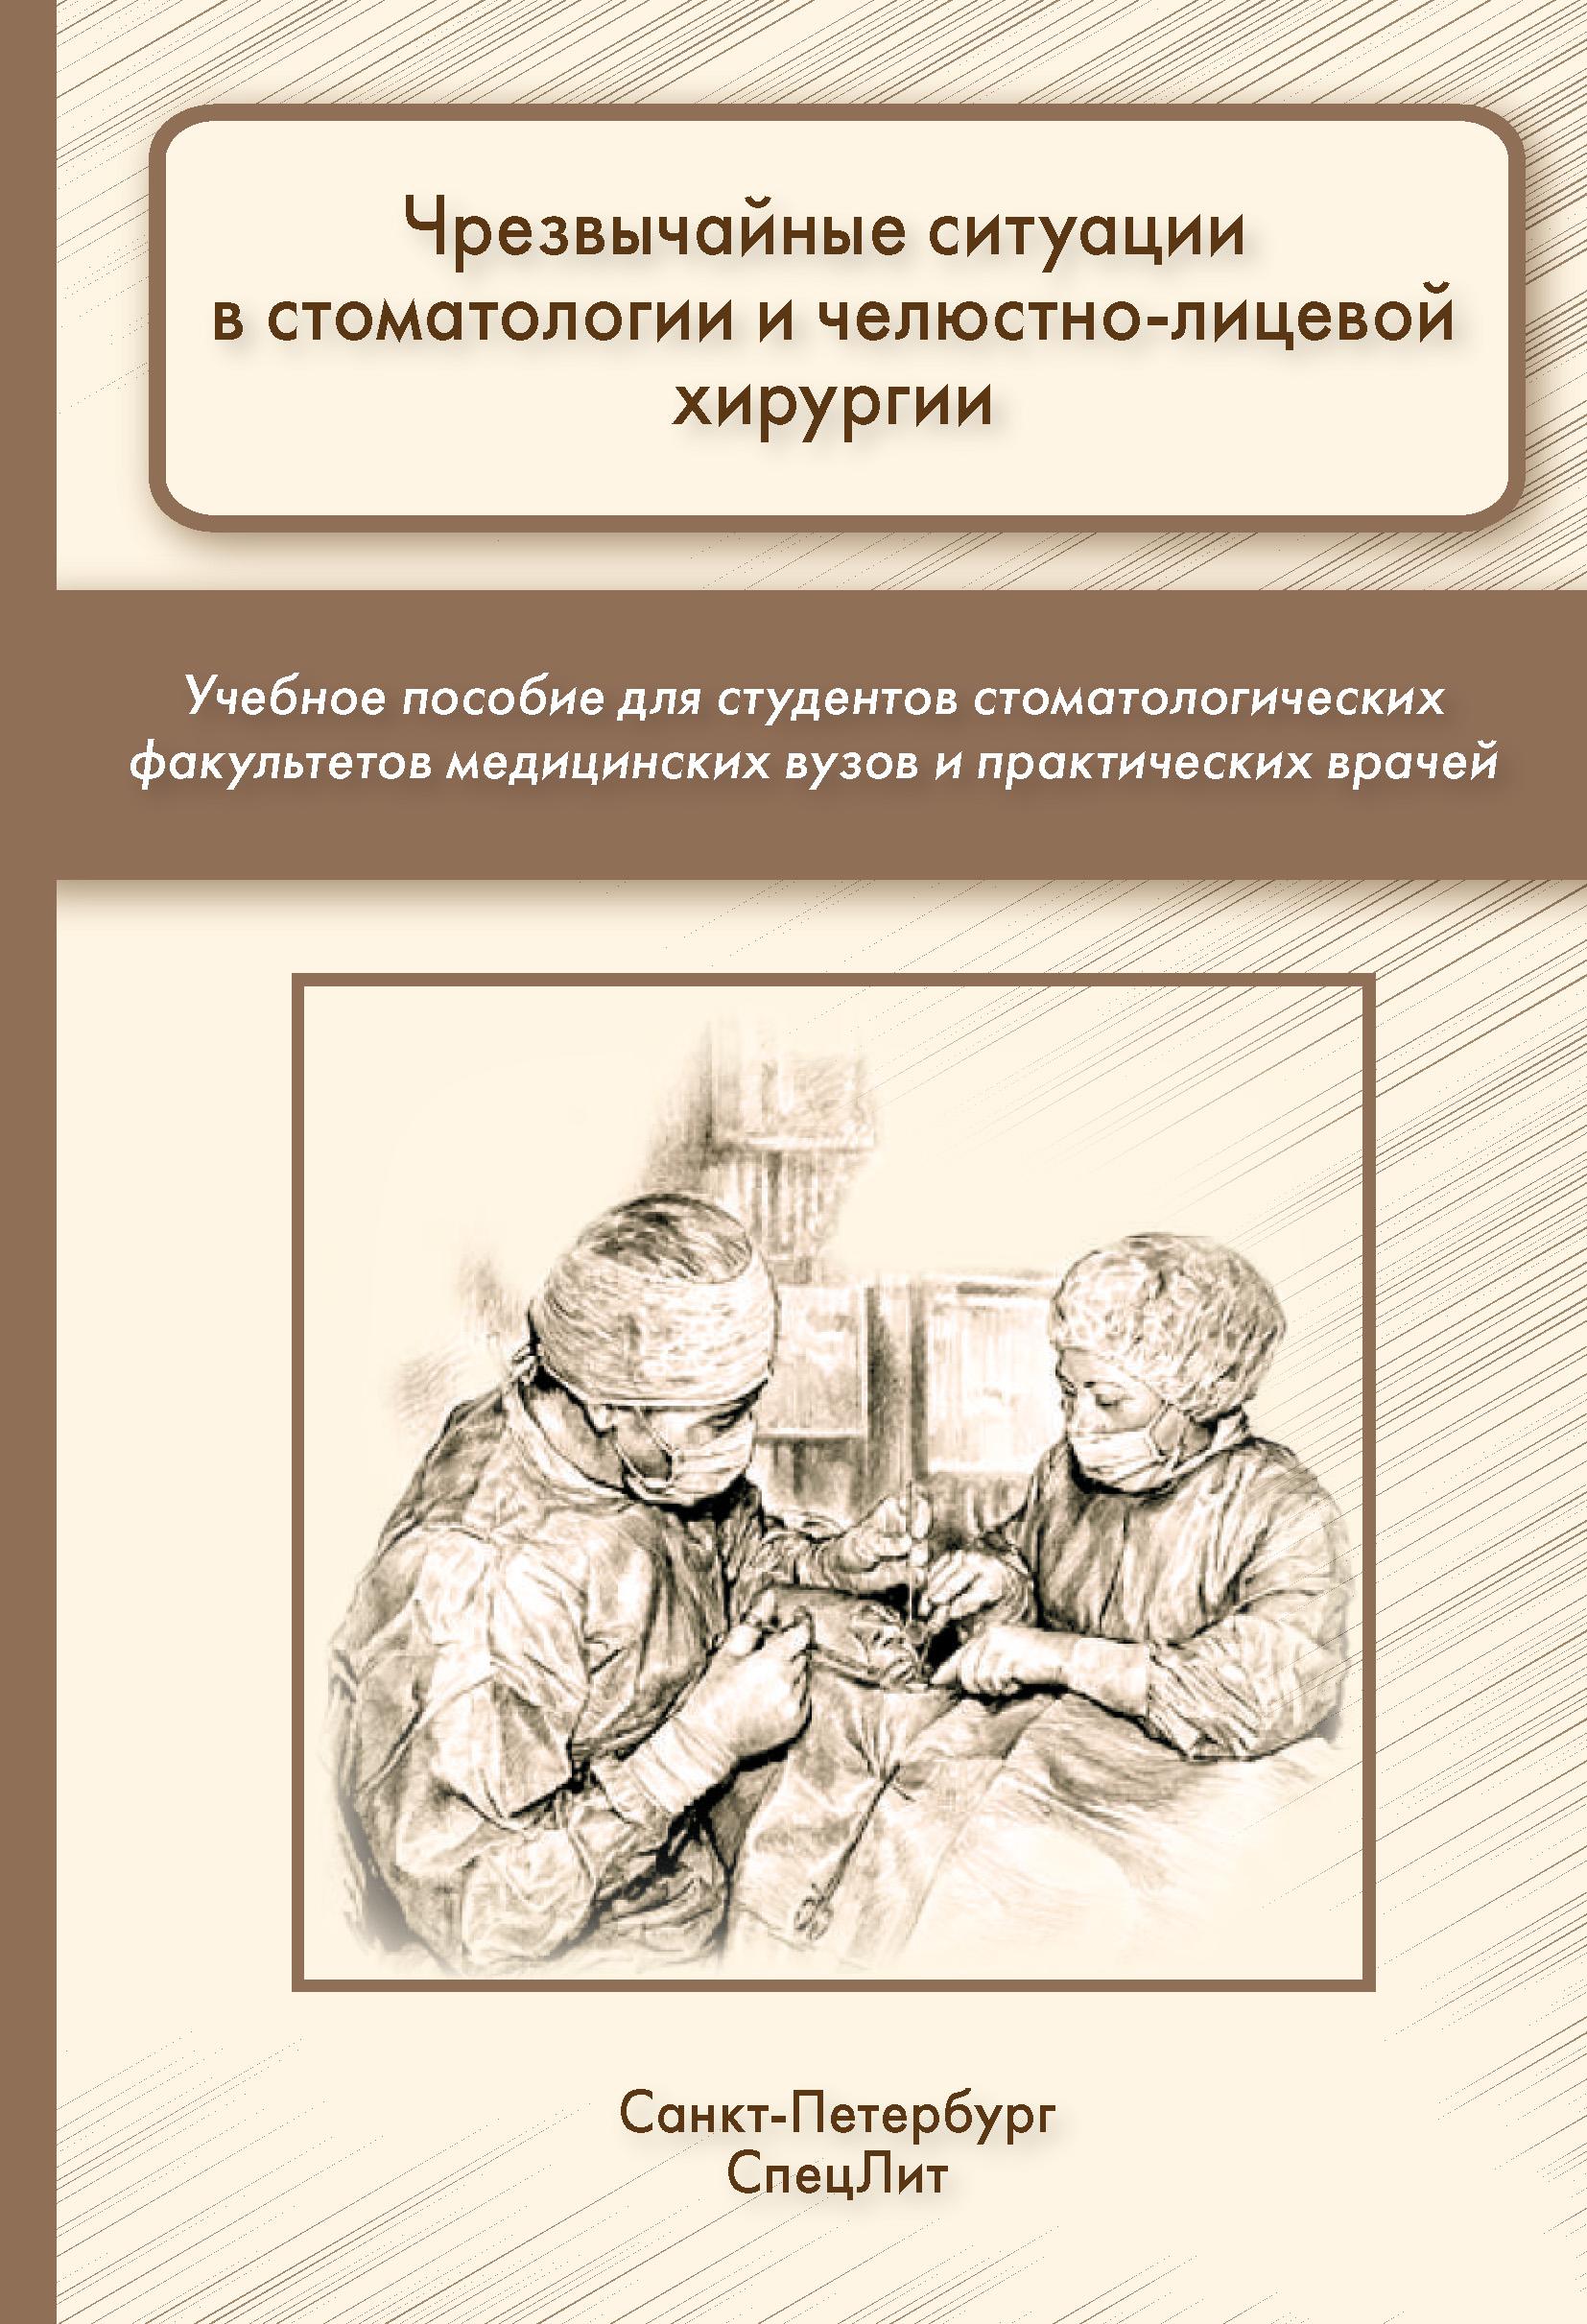 цена на С. Б. Фищев Чрезвычайные ситуации в стоматологии и челюстно-лицевой хирургии